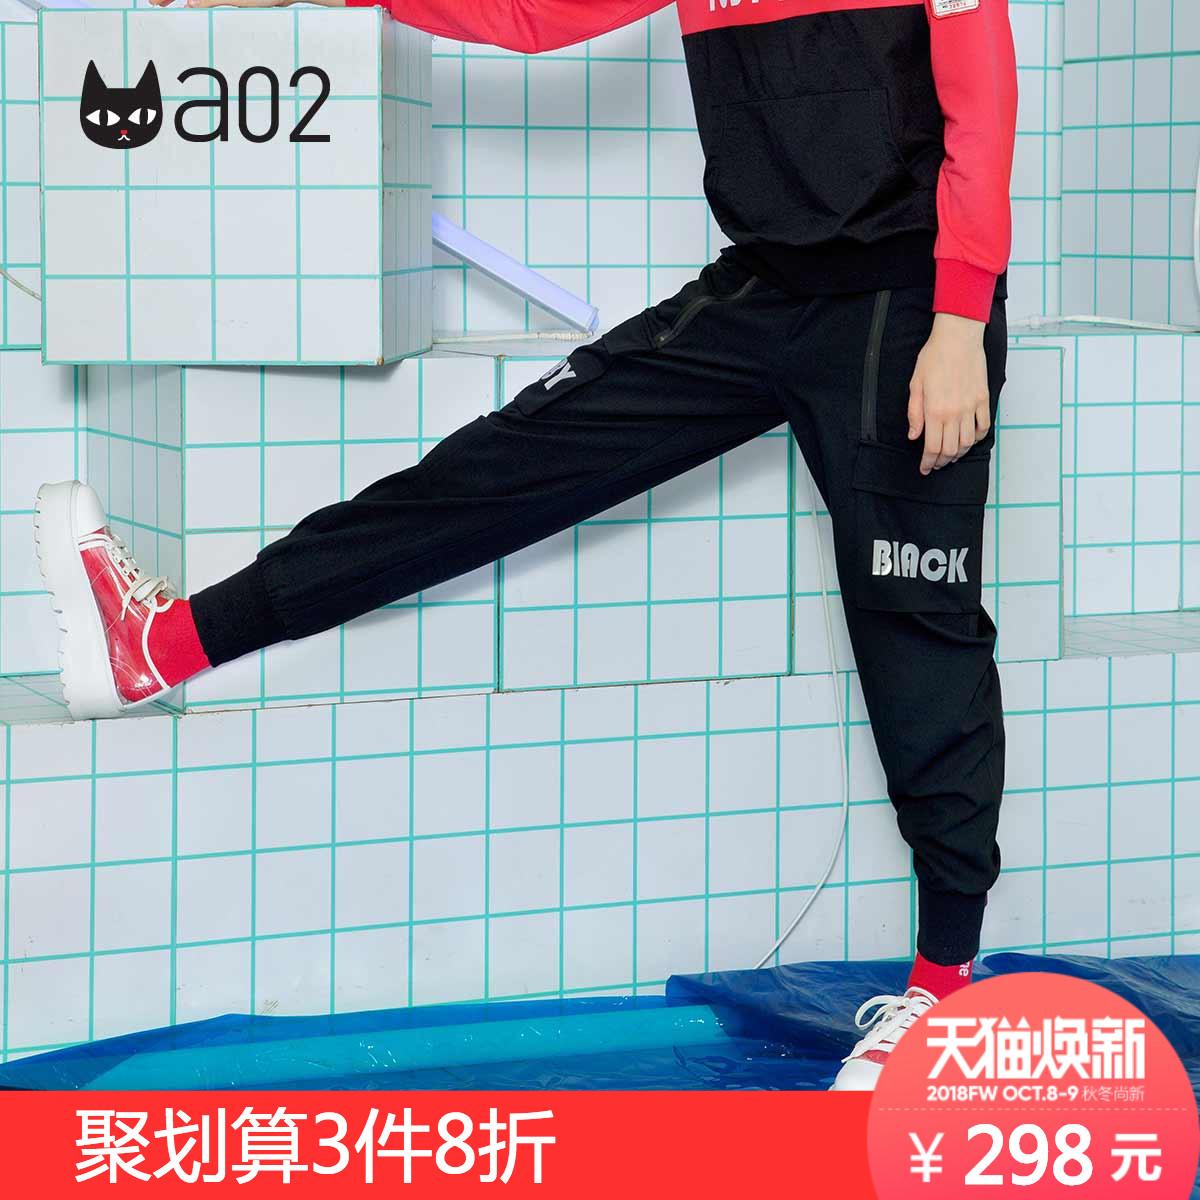 a02新款2018韩版黑色大码裤子束脚宽松休闲运动裤女DTT5A0071PN